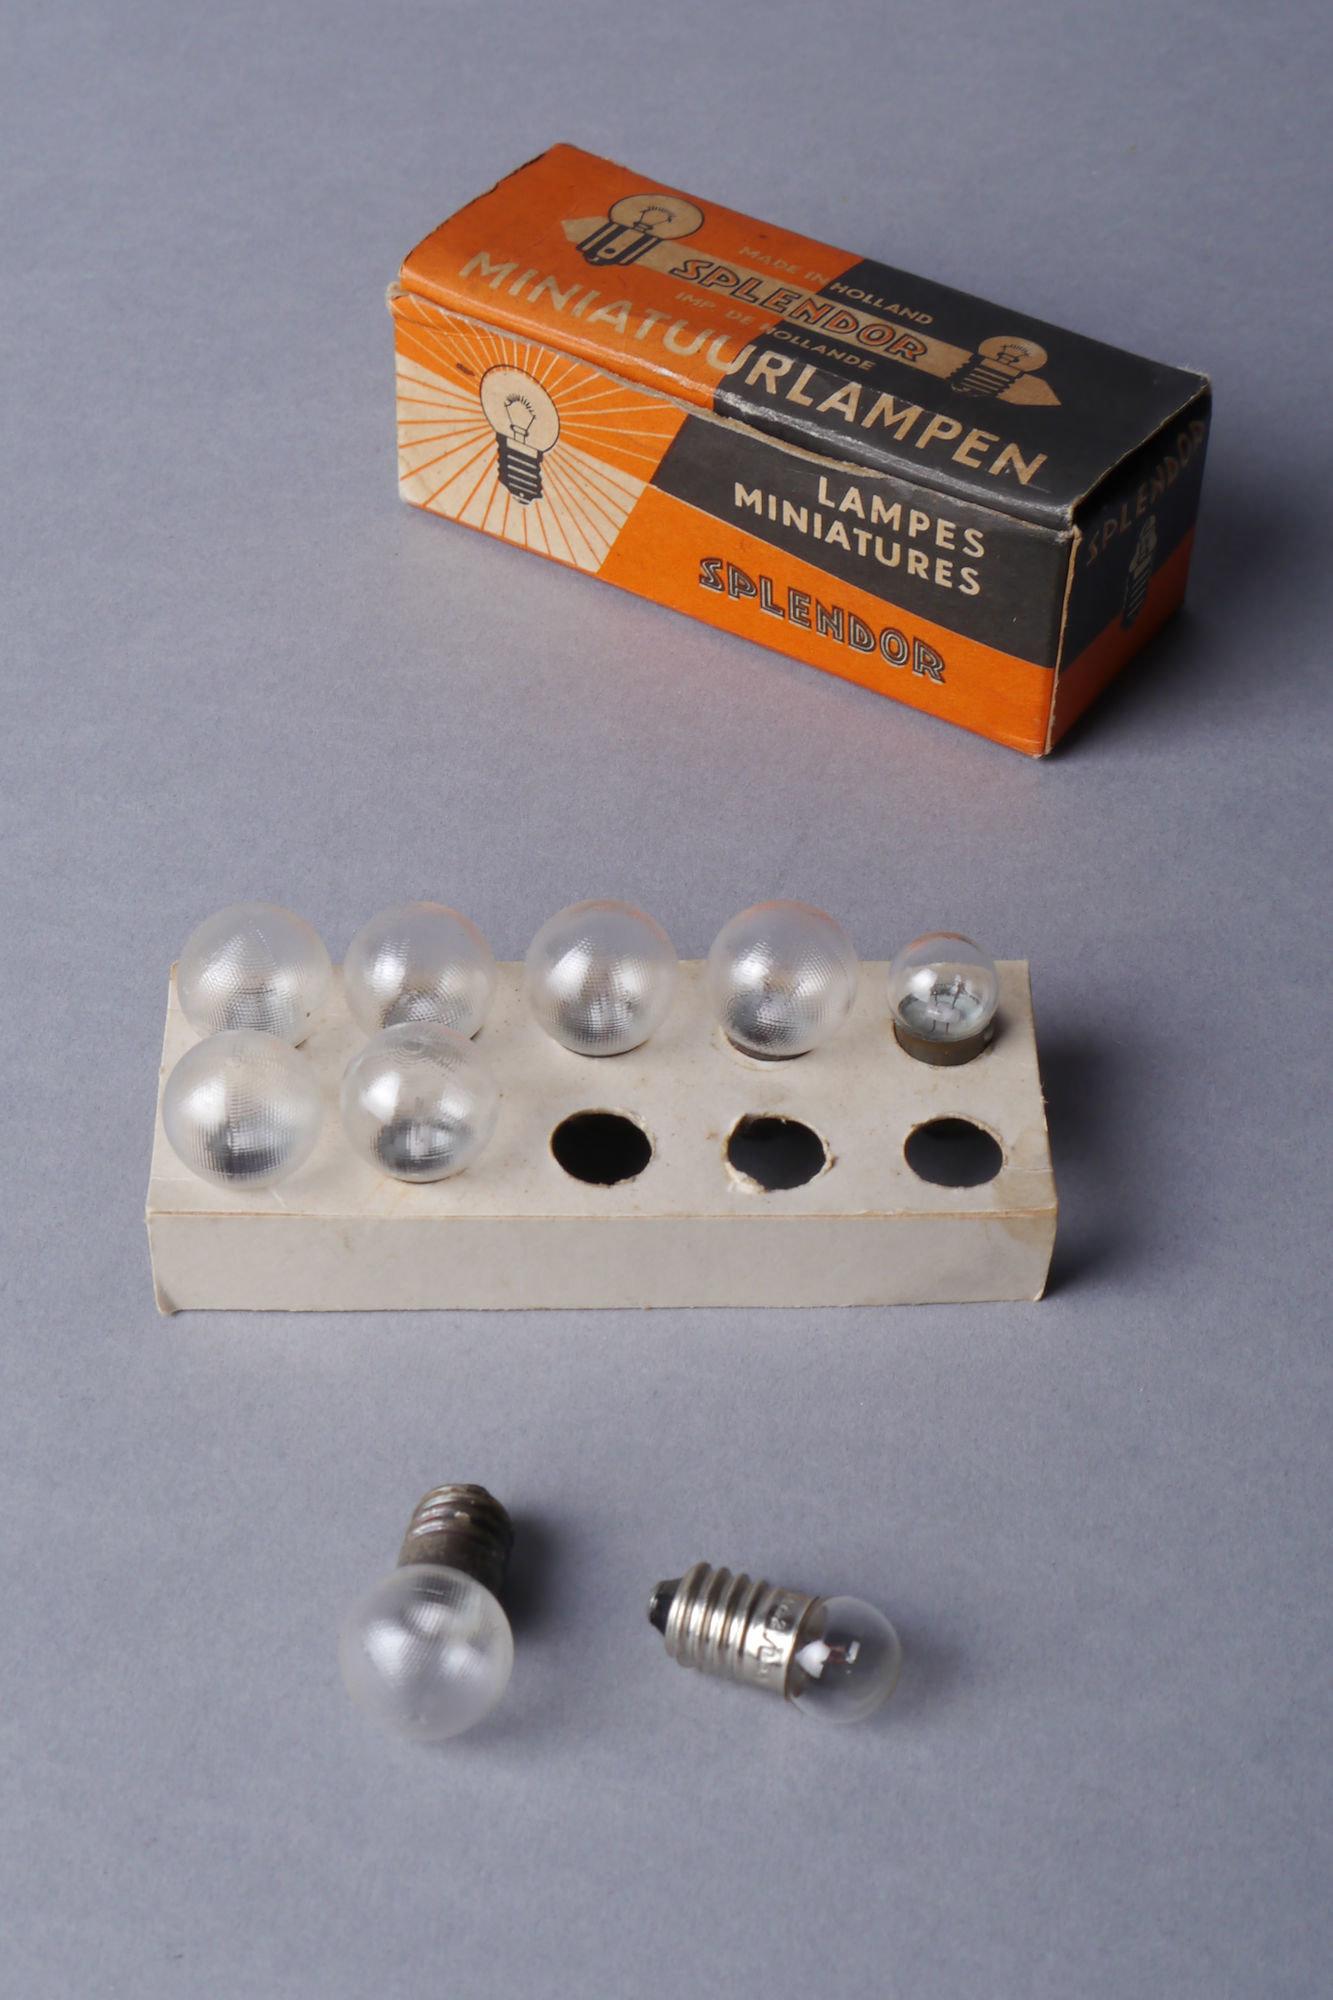 Miniatuurlampjes van het merk Splendor